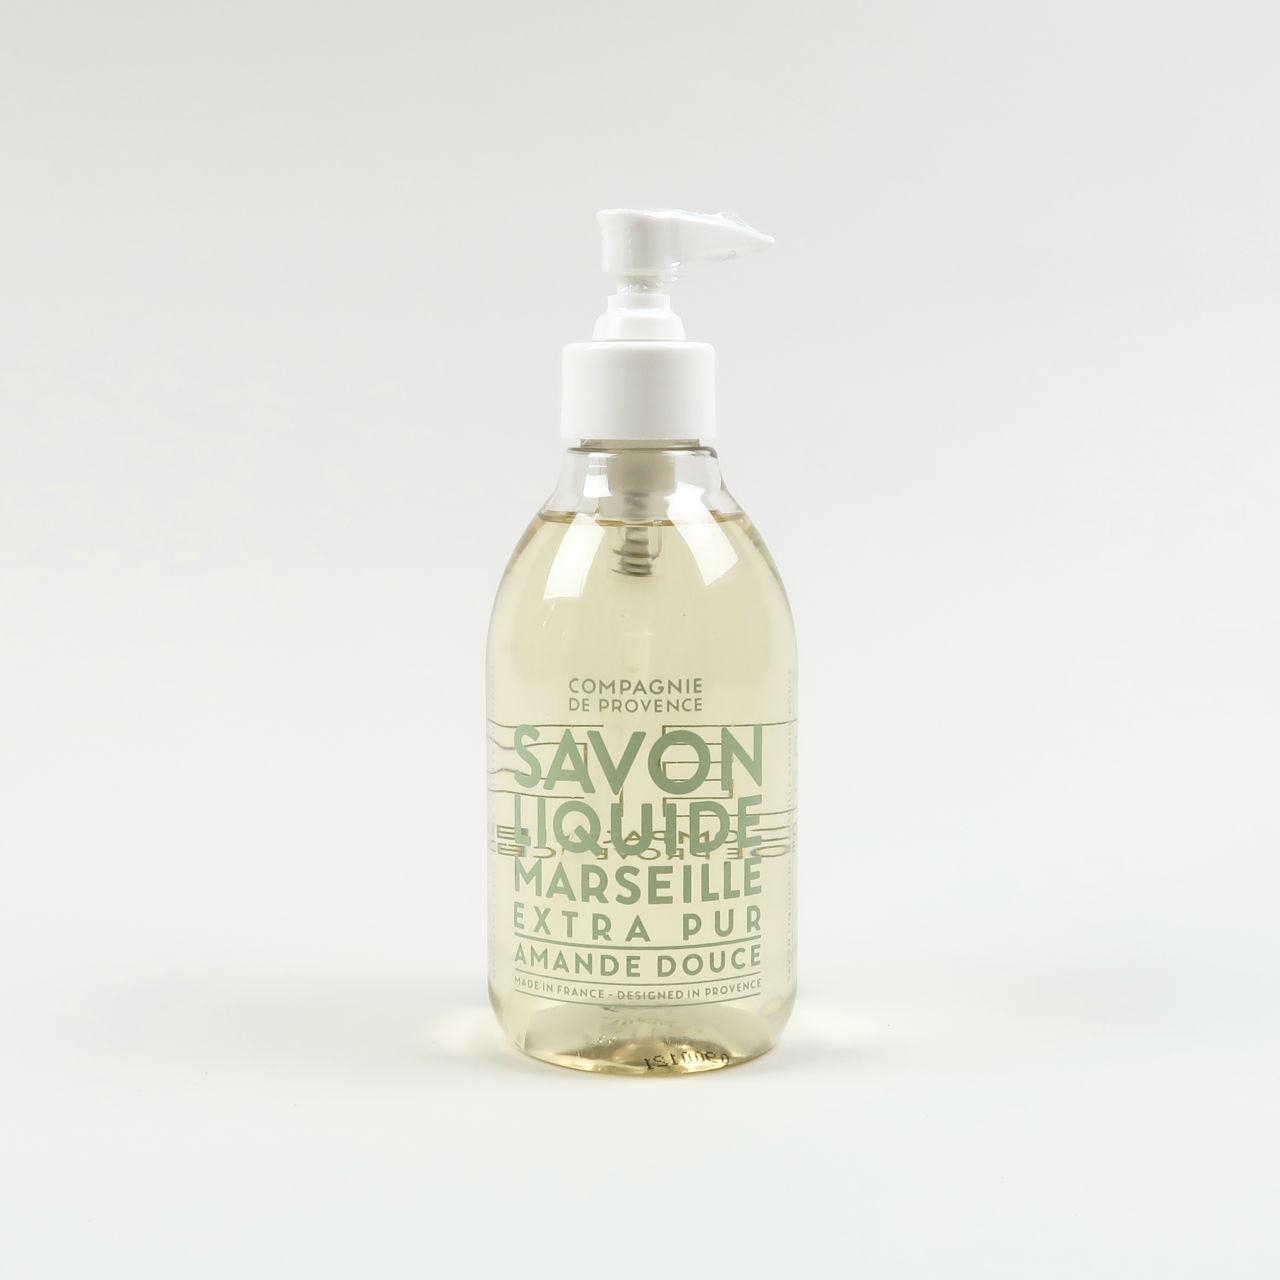 Savon Liquid Marseille - 300ml - Sweet Almond